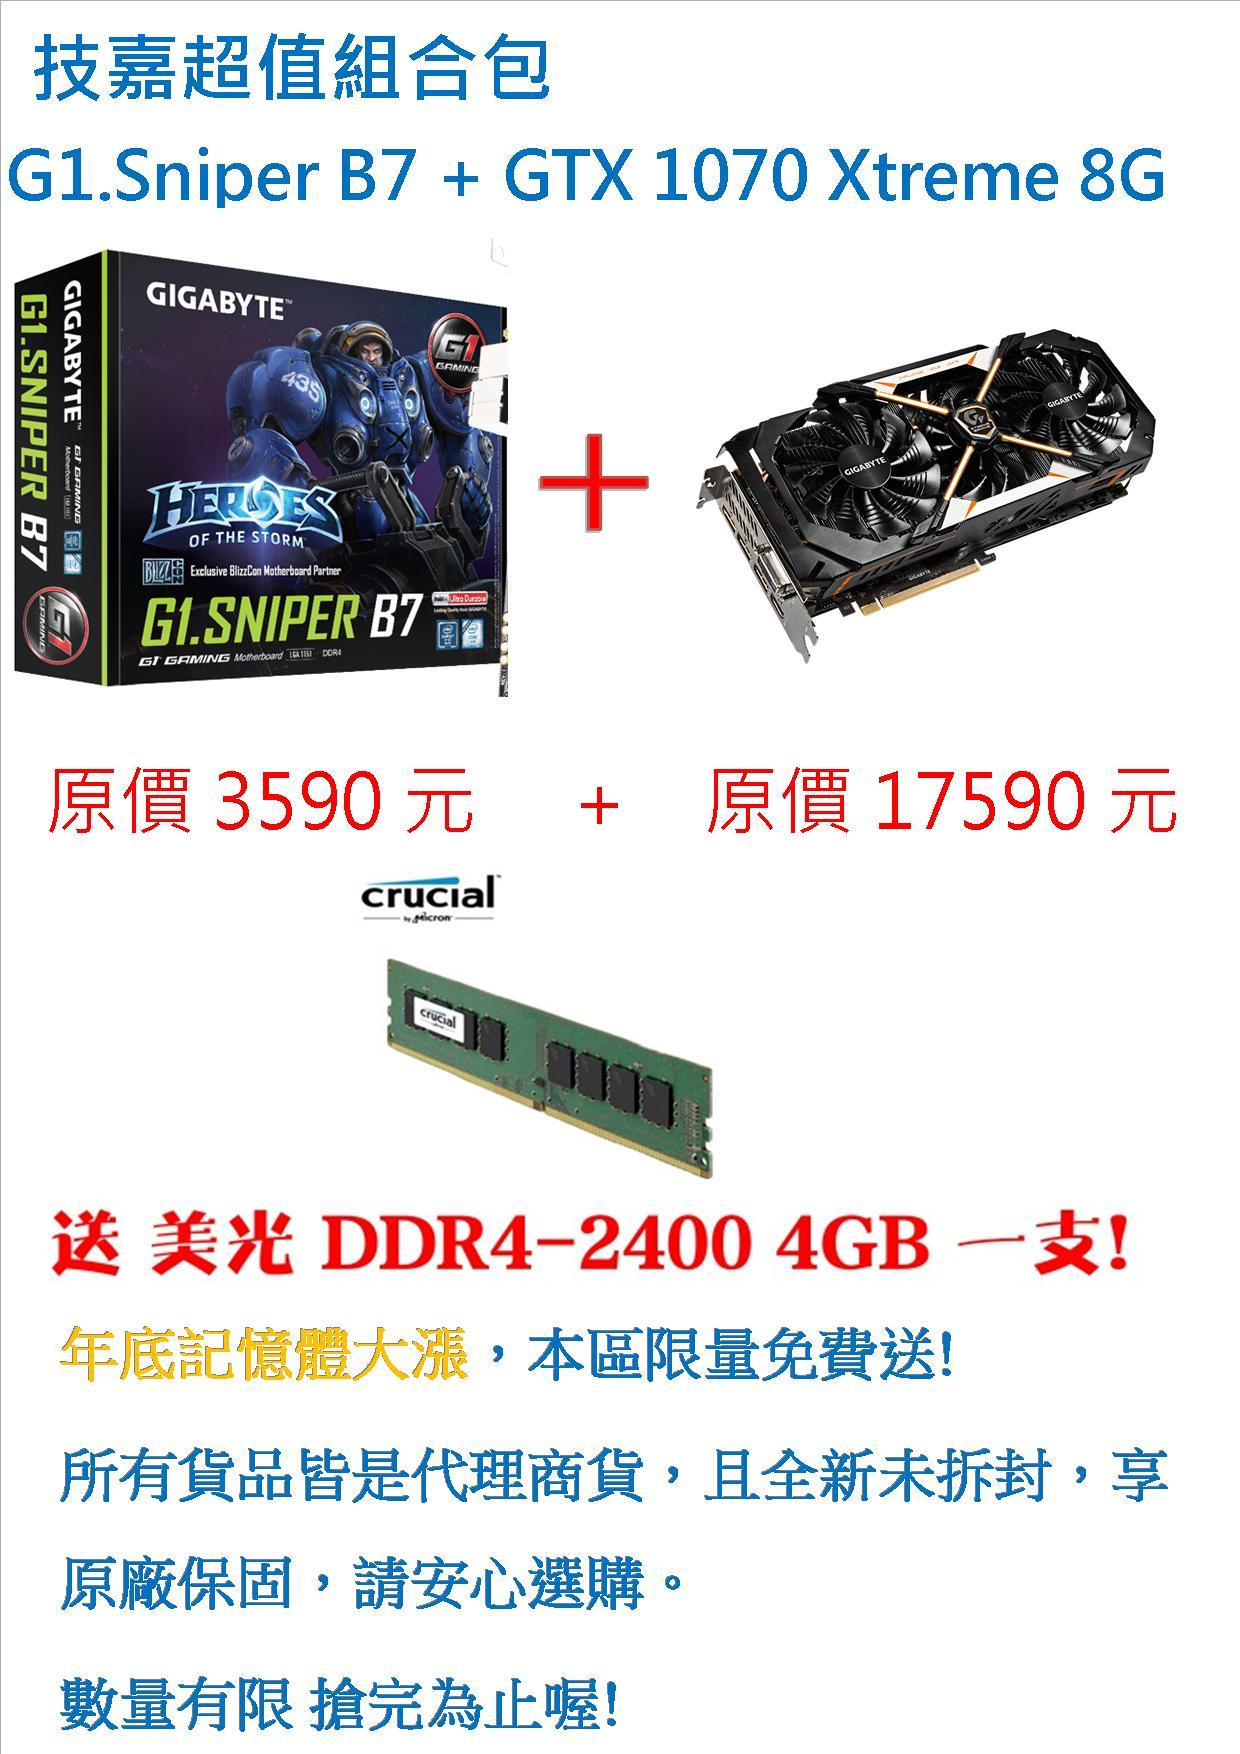 技嘉 G1.Sniper B7 + GTX 1070 8G Xtreme Gaming GIGABYTE 主機板 (送DDR4 4G )